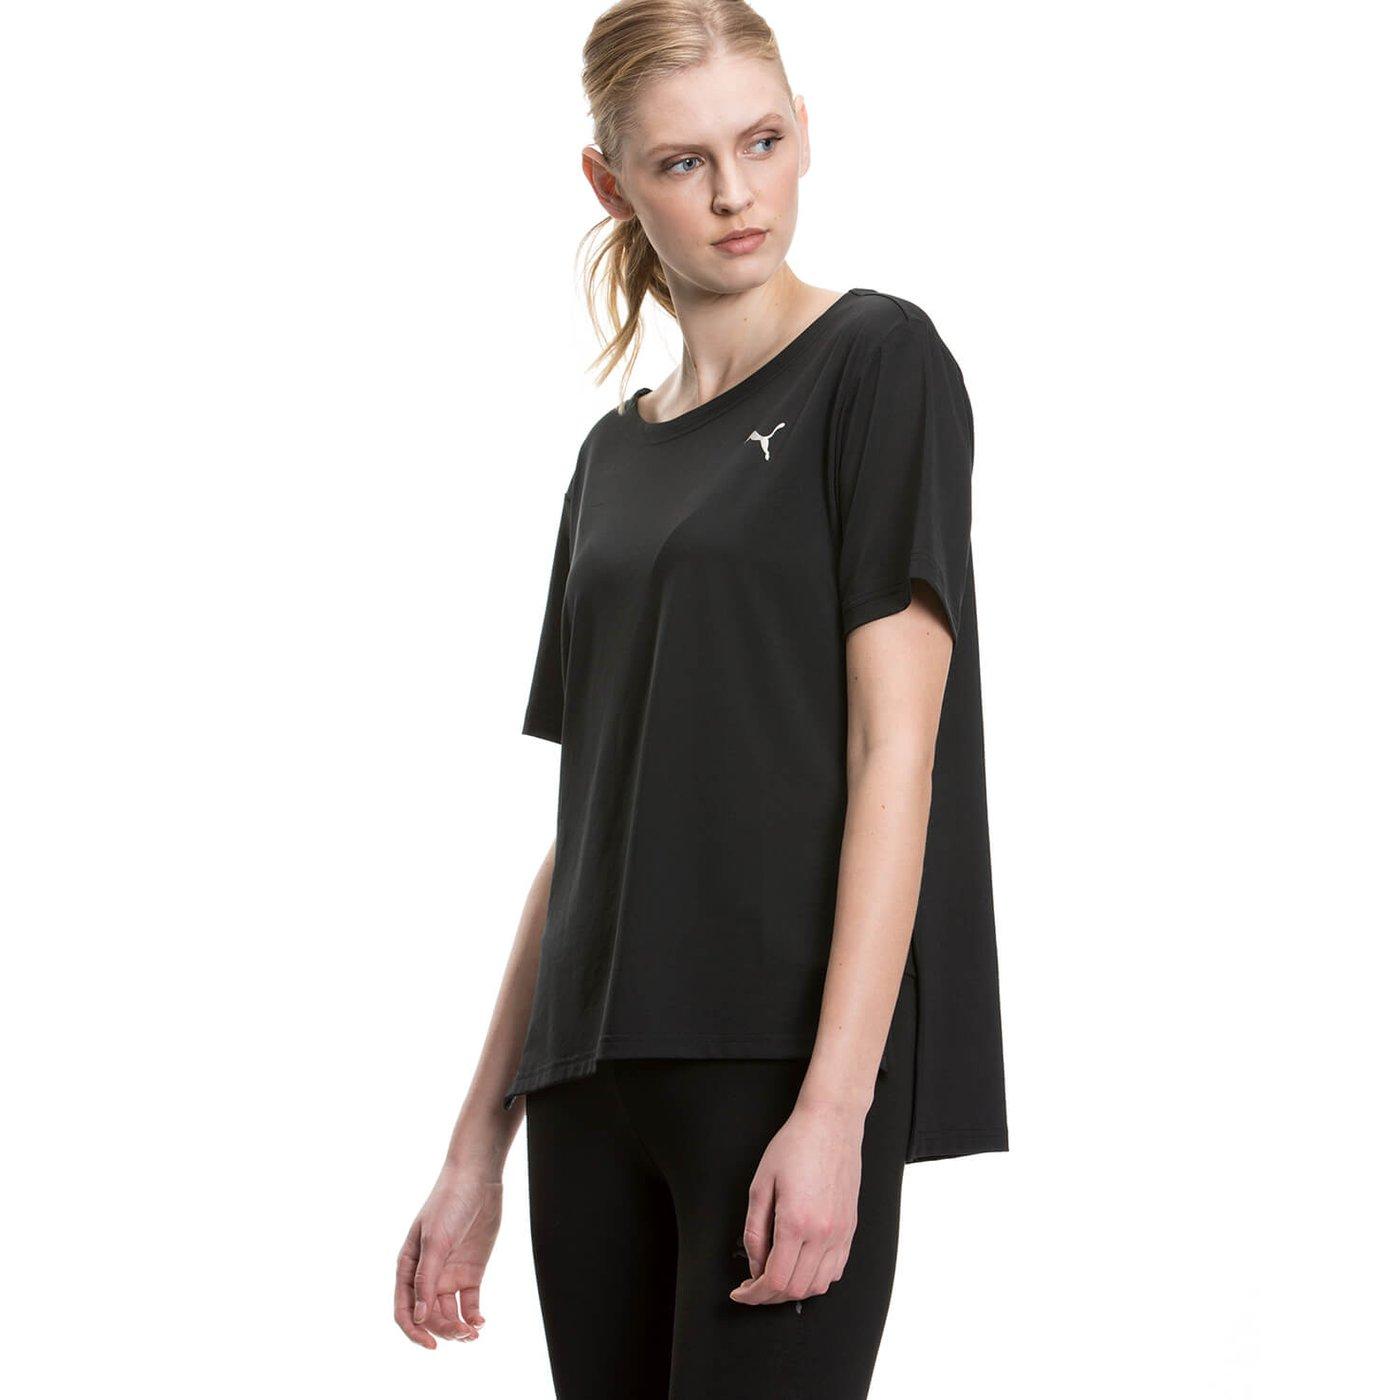 Puma Transition Kadın Siyah Tshirt